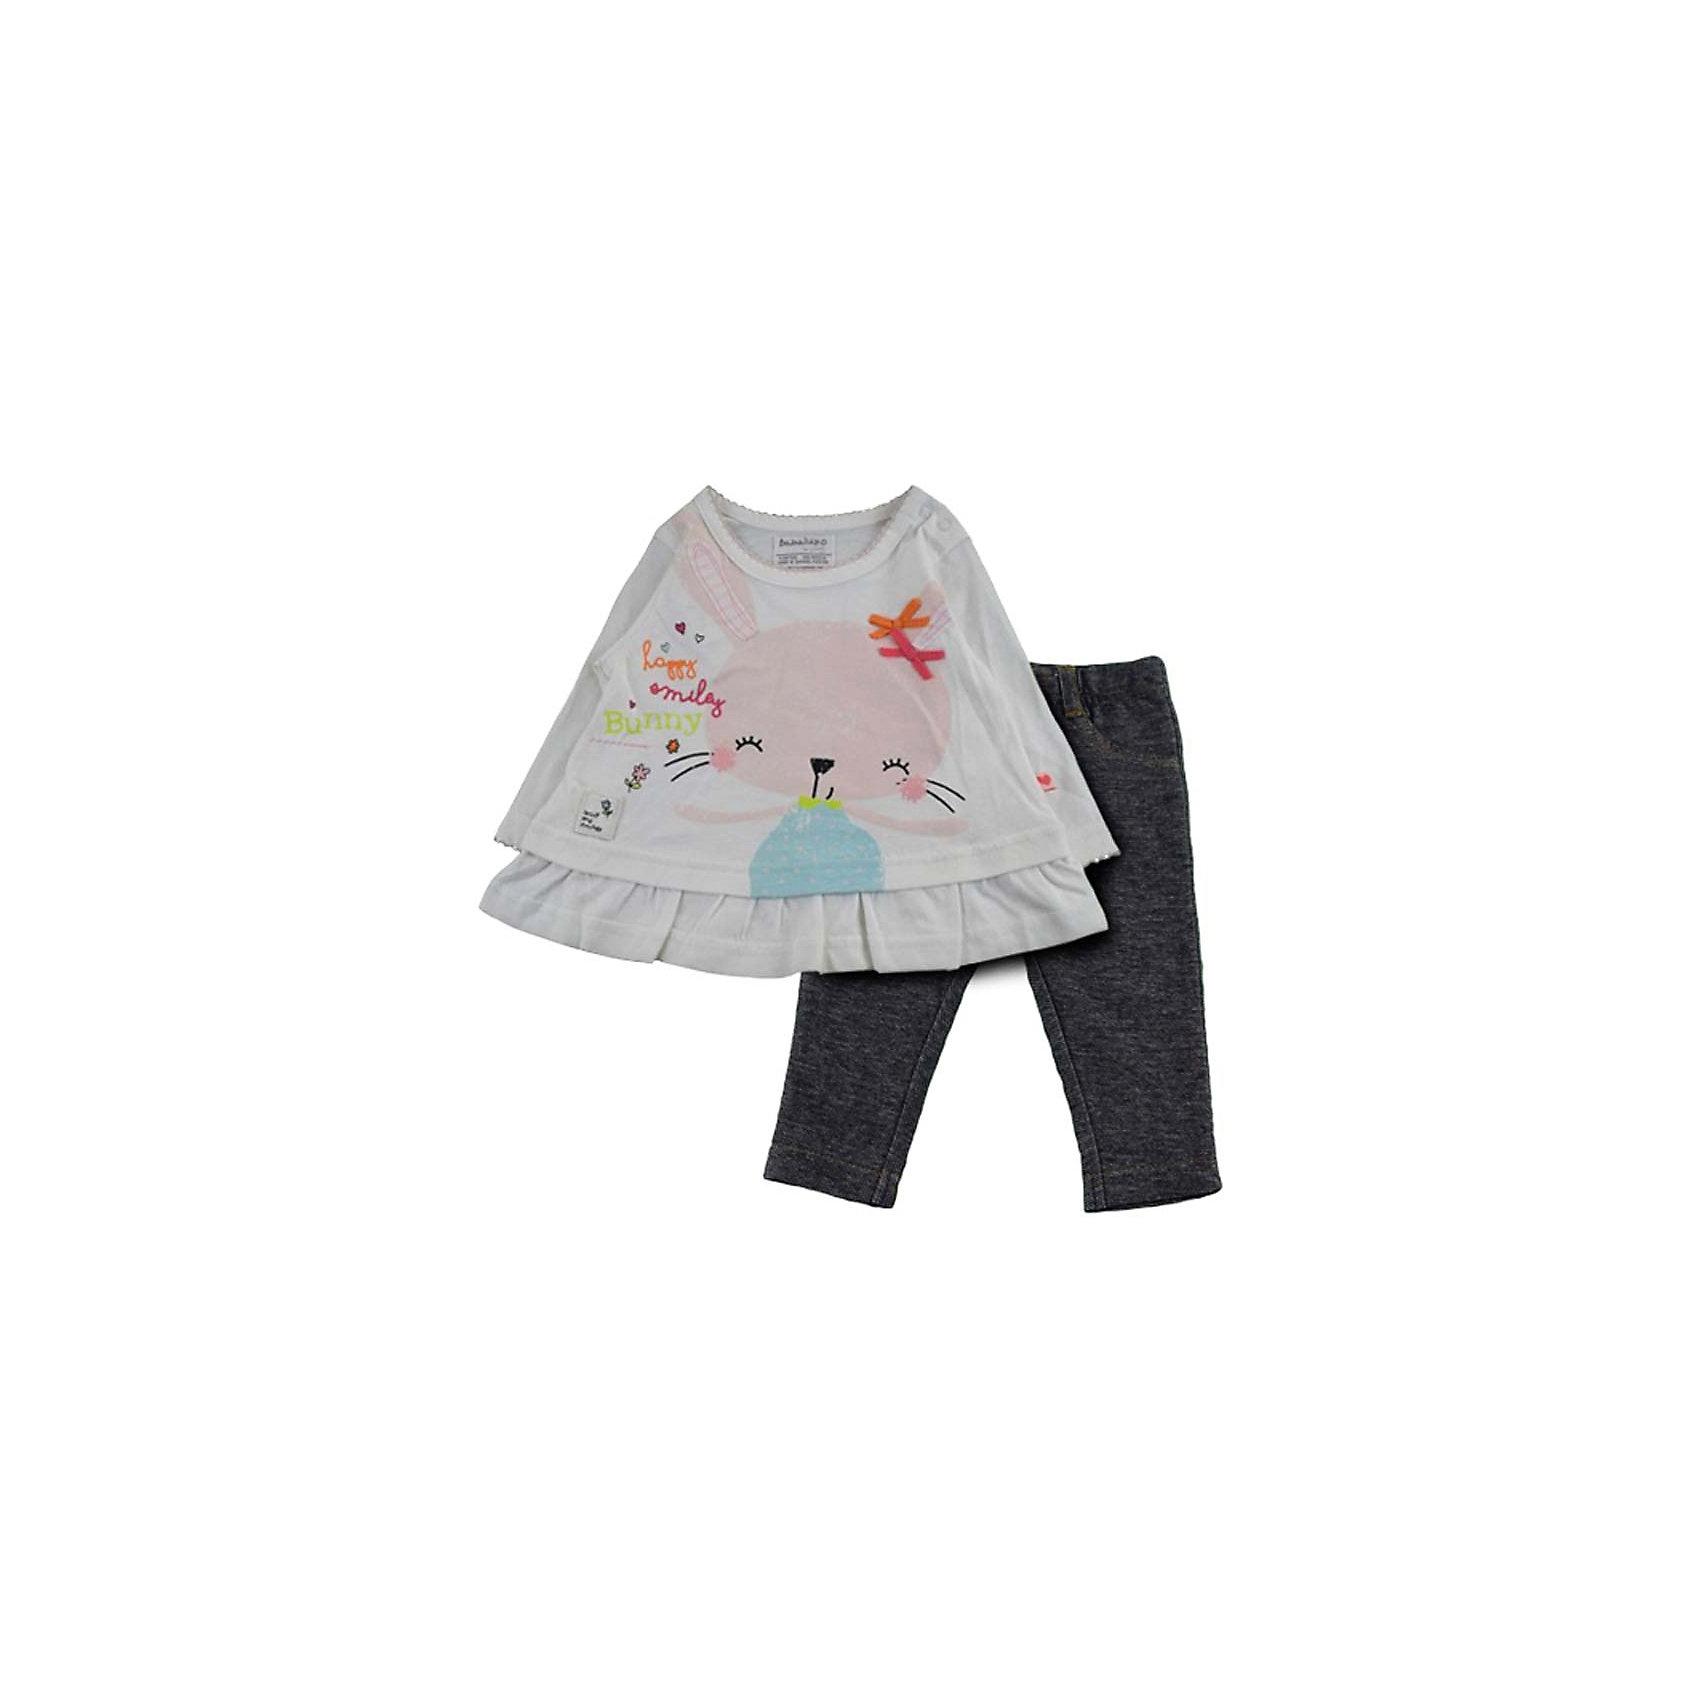 Комплект: кофточка и брюки для девочки BABALUNOКомплект: кофточка и брюки для девочки от популярной английской марки BABALUNO<br><br>Симпатичный и очень удобный комплект состоит из кофточки и брюк. Модель отлично сидит на малышах, не стесняет движения. Материал - гипоаллергенный, дышащий и приятный на ощупь.<br><br>Особенности модели:<br><br>- материал - хлопковый трикотаж;<br>- цвет: кофточка - белая, брюки - под джинсу;<br>- кофточка украшена принтом с зайцем и маленькими бантиками на нем;<br>- внизу кофточки - волан;<br>- рукав длинный, горловой вырез - круглый;<br>- на плече - кнопки;<br>- пояс брюк - на резинке;<br>- шлевки для ремня.<br><br>Дополнительная информация:<br><br>Состав: 100% хлопок<br><br>Уход за изделием:<br><br>стирка в машине при температуре до 30°С,<br>не отбеливать,<br>гладить на средней температуре.<br><br>Комплект: кофточка и брюки для девочки BABALUNO (Бабалуно) можно купить в нашем магазине<br><br>Ширина мм: 190<br>Глубина мм: 74<br>Высота мм: 229<br>Вес г: 236<br>Цвет: белый<br>Возраст от месяцев: 0<br>Возраст до месяцев: 3<br>Пол: Женский<br>Возраст: Детский<br>Размер: 56/62,62/68,74/80,68/74<br>SKU: 4262847